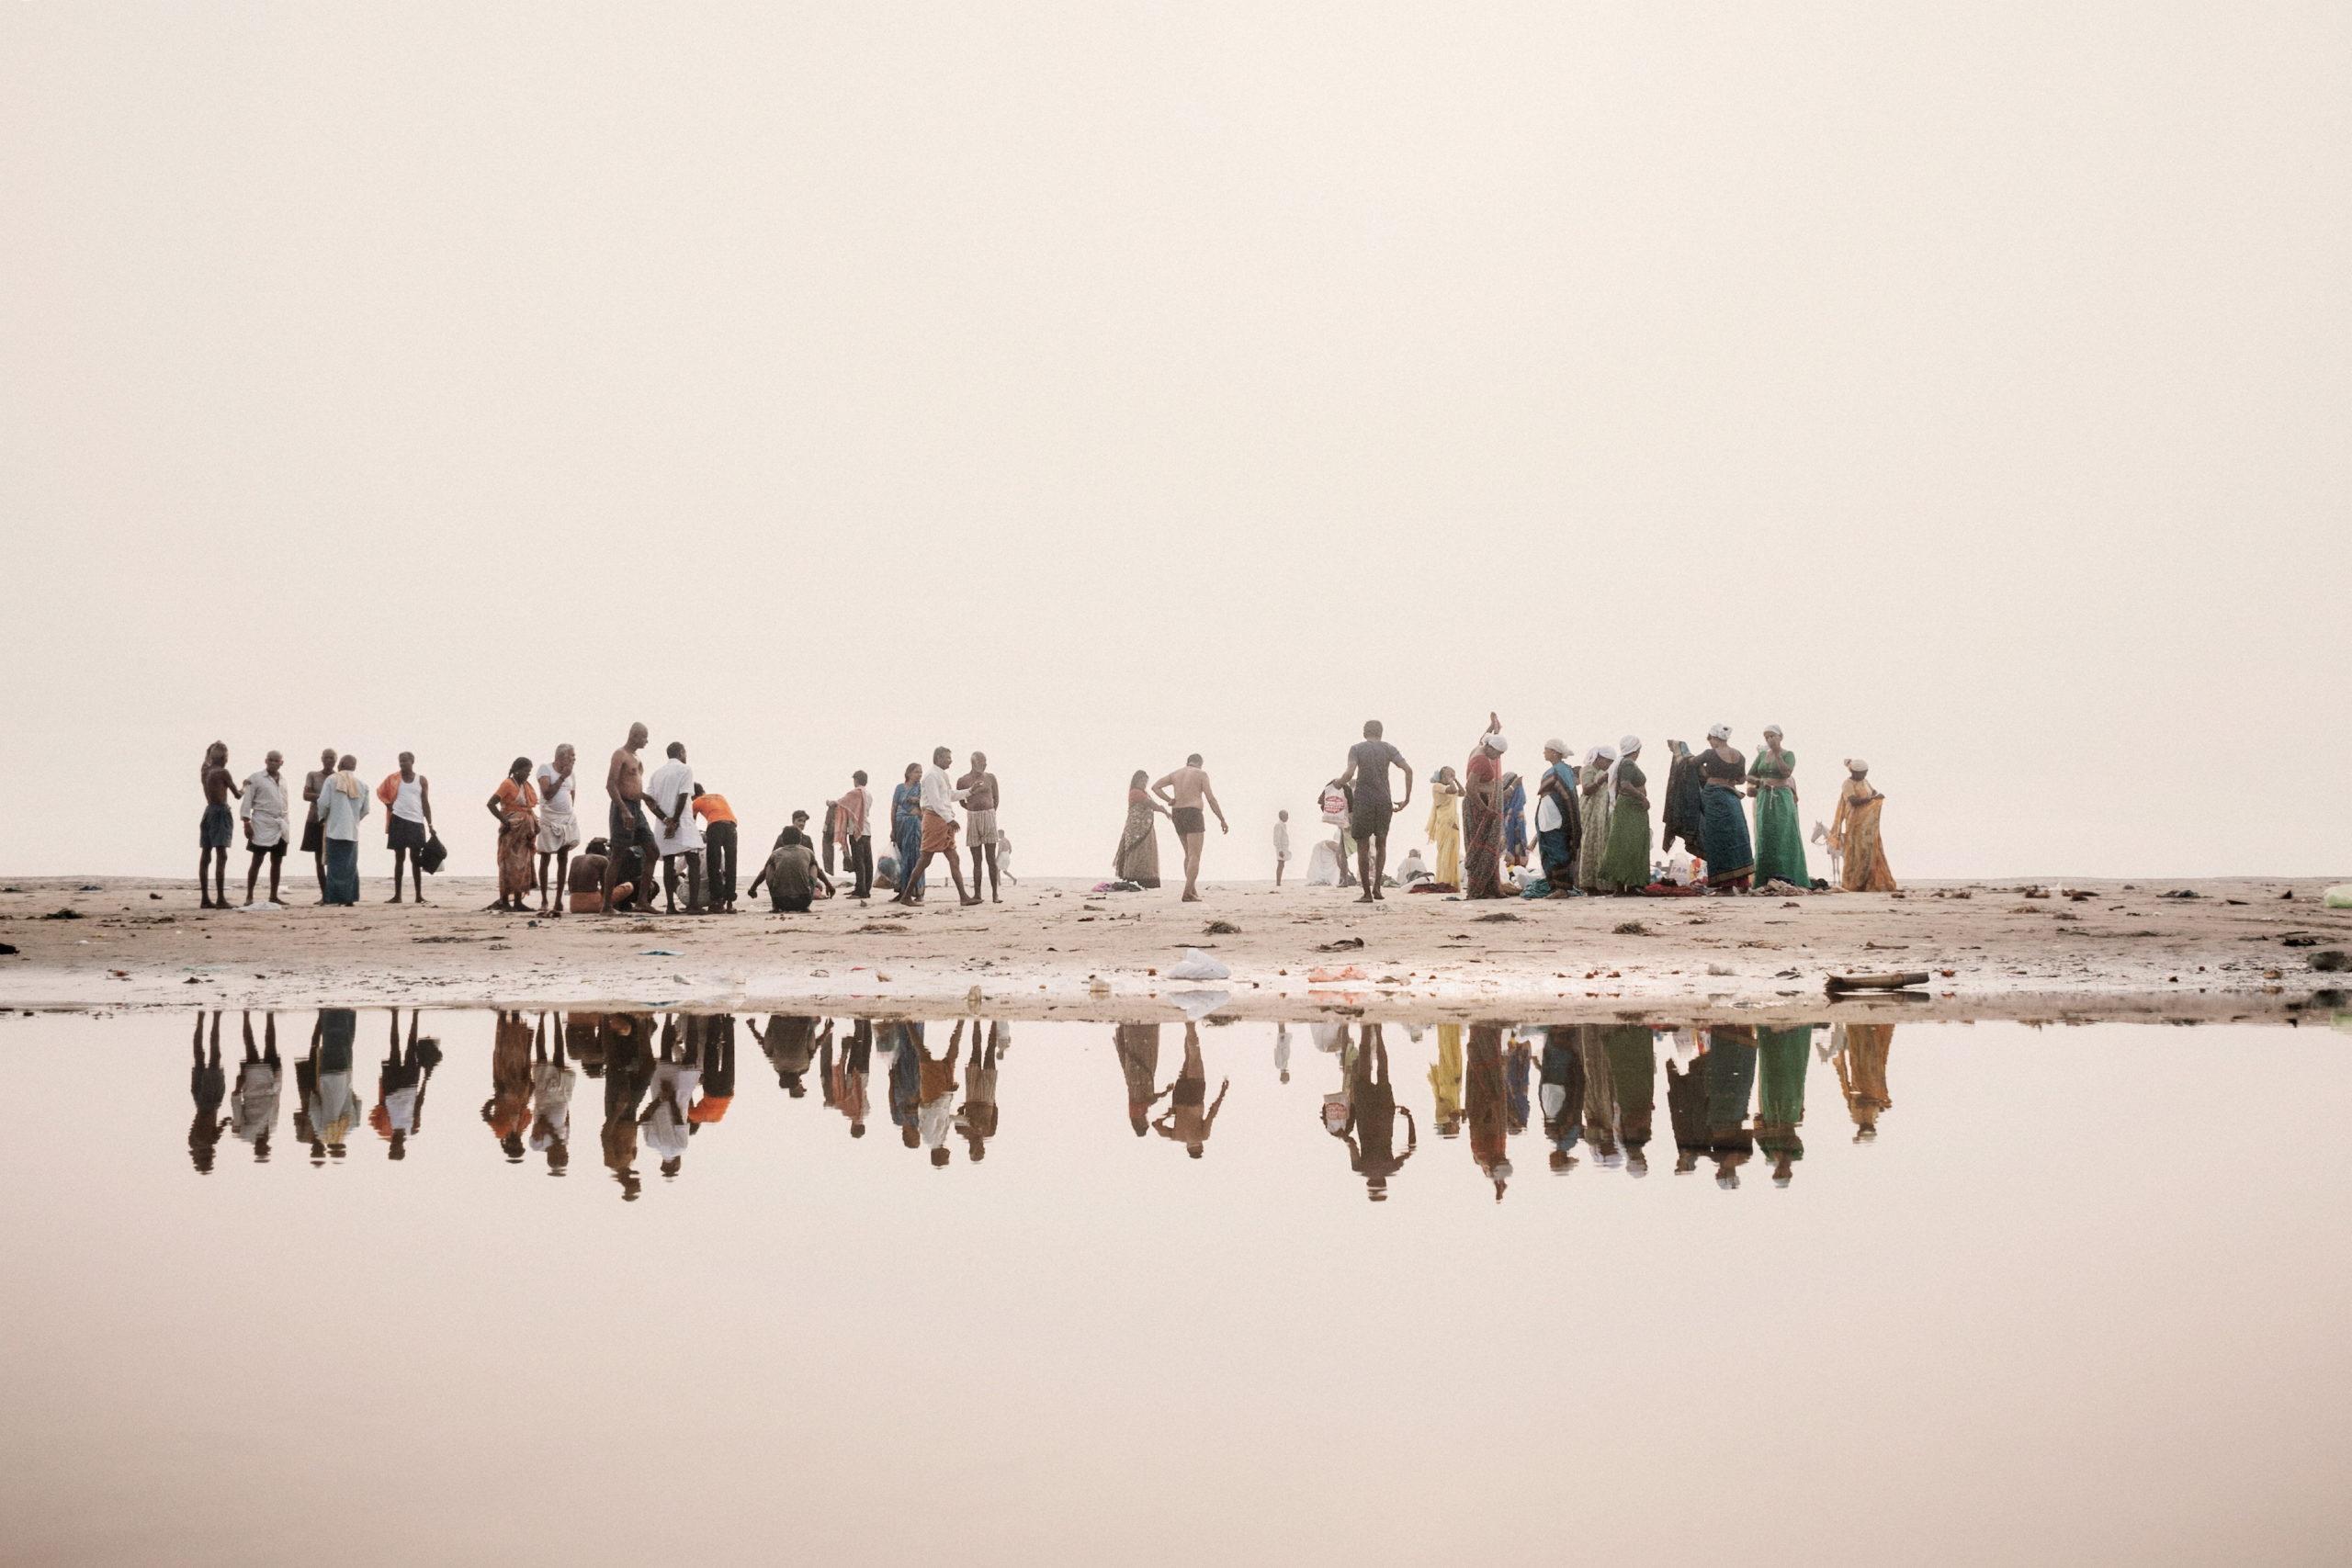 Il sacro fiume Gange sta morendo. Una riflessione fotografica sul disastro ecologico, a Milano